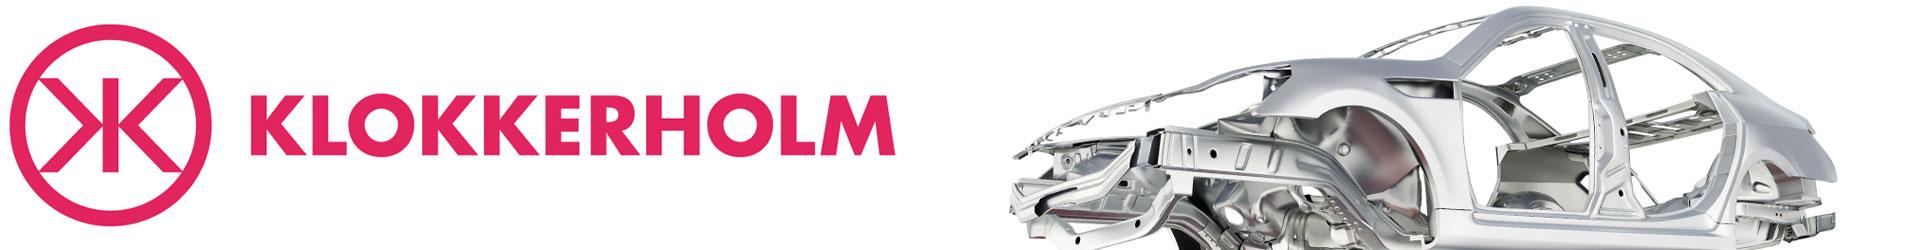 Klokkerholm logo, bilde av bil karosseri